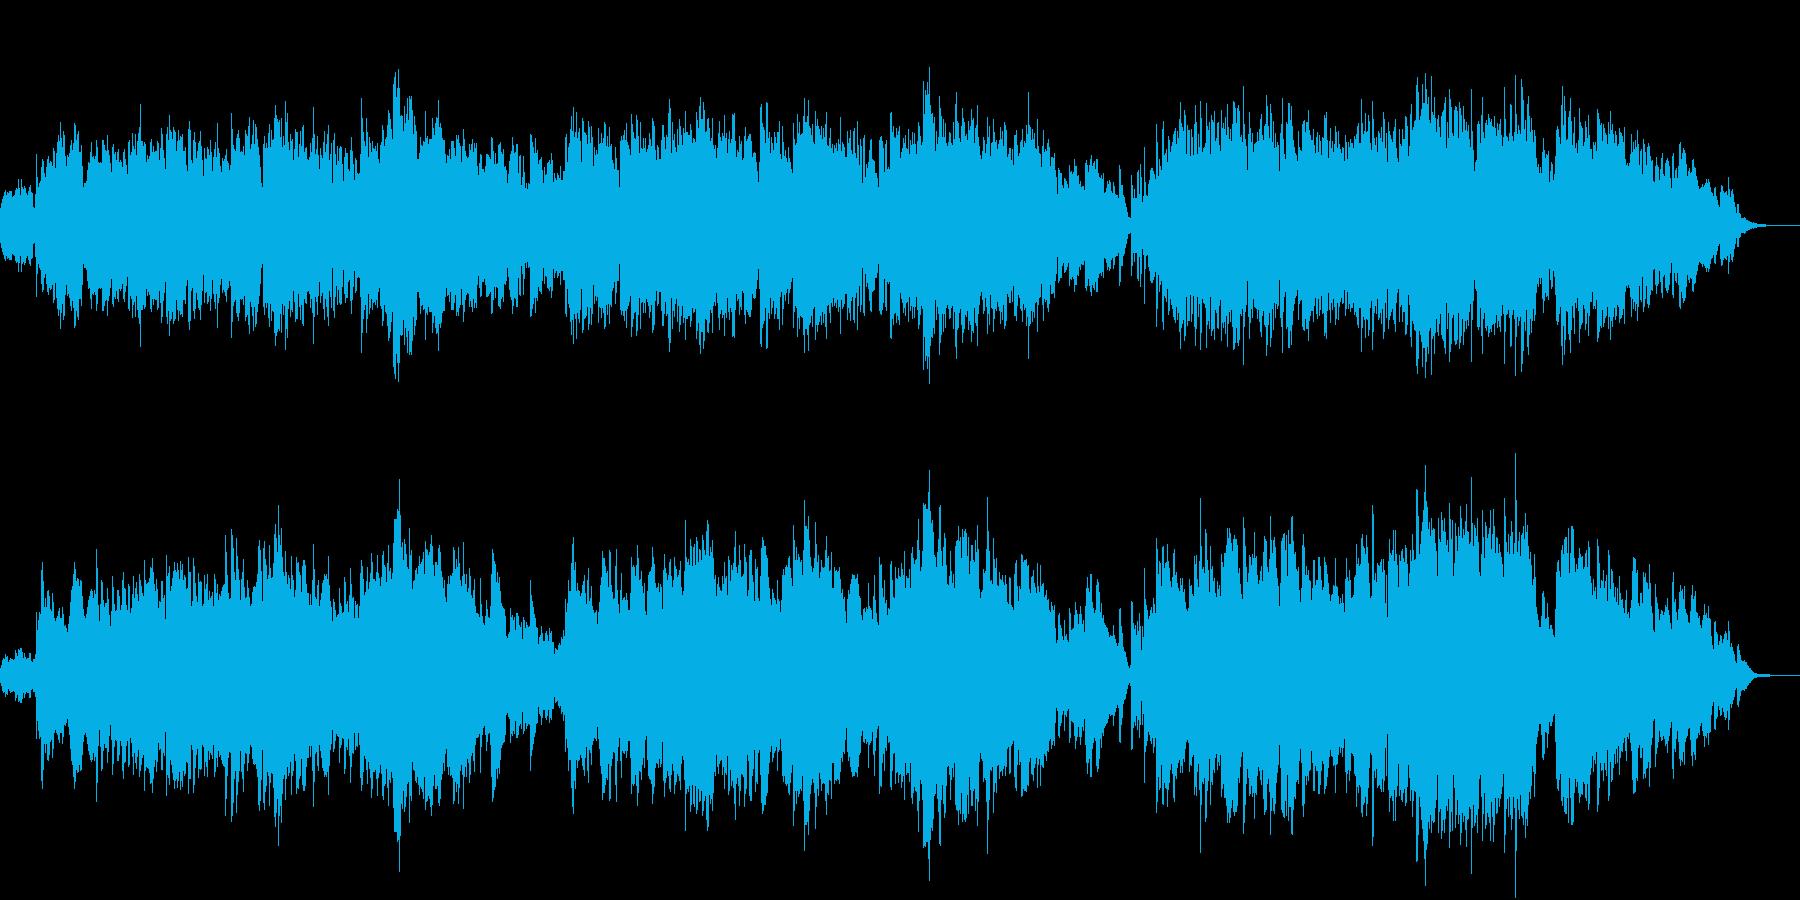 ヴァイオリンとピアノの静かな曲の再生済みの波形